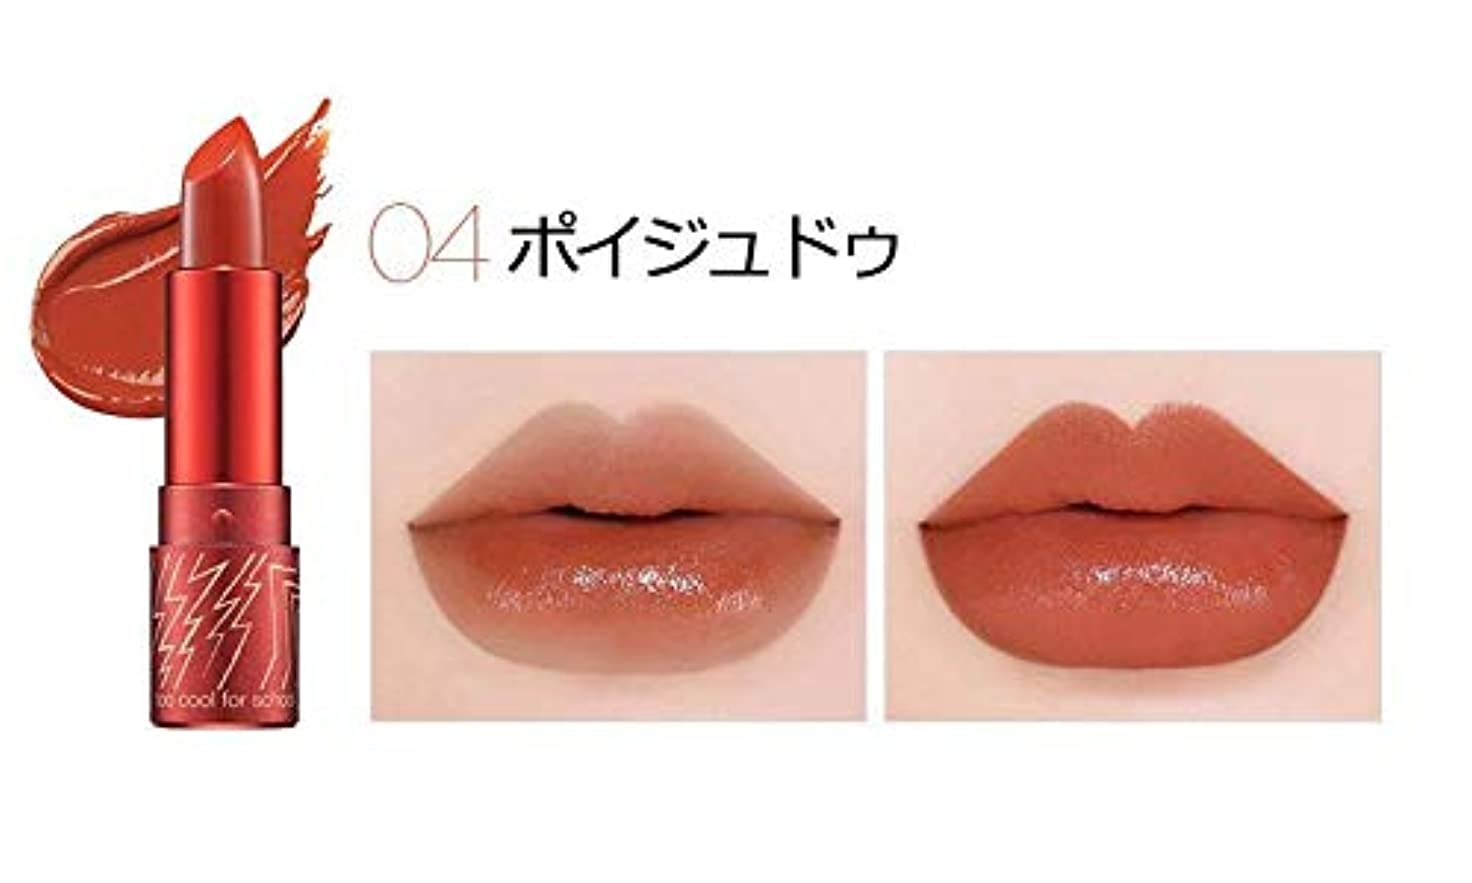 南方の一時解雇する自体[too cool for school] Glamrock Luster Sunset Lip 3.4g ??グルレムラクラスターサンセットリップ3.4g (#4号ポイジュドゥ) [並行輸入品]